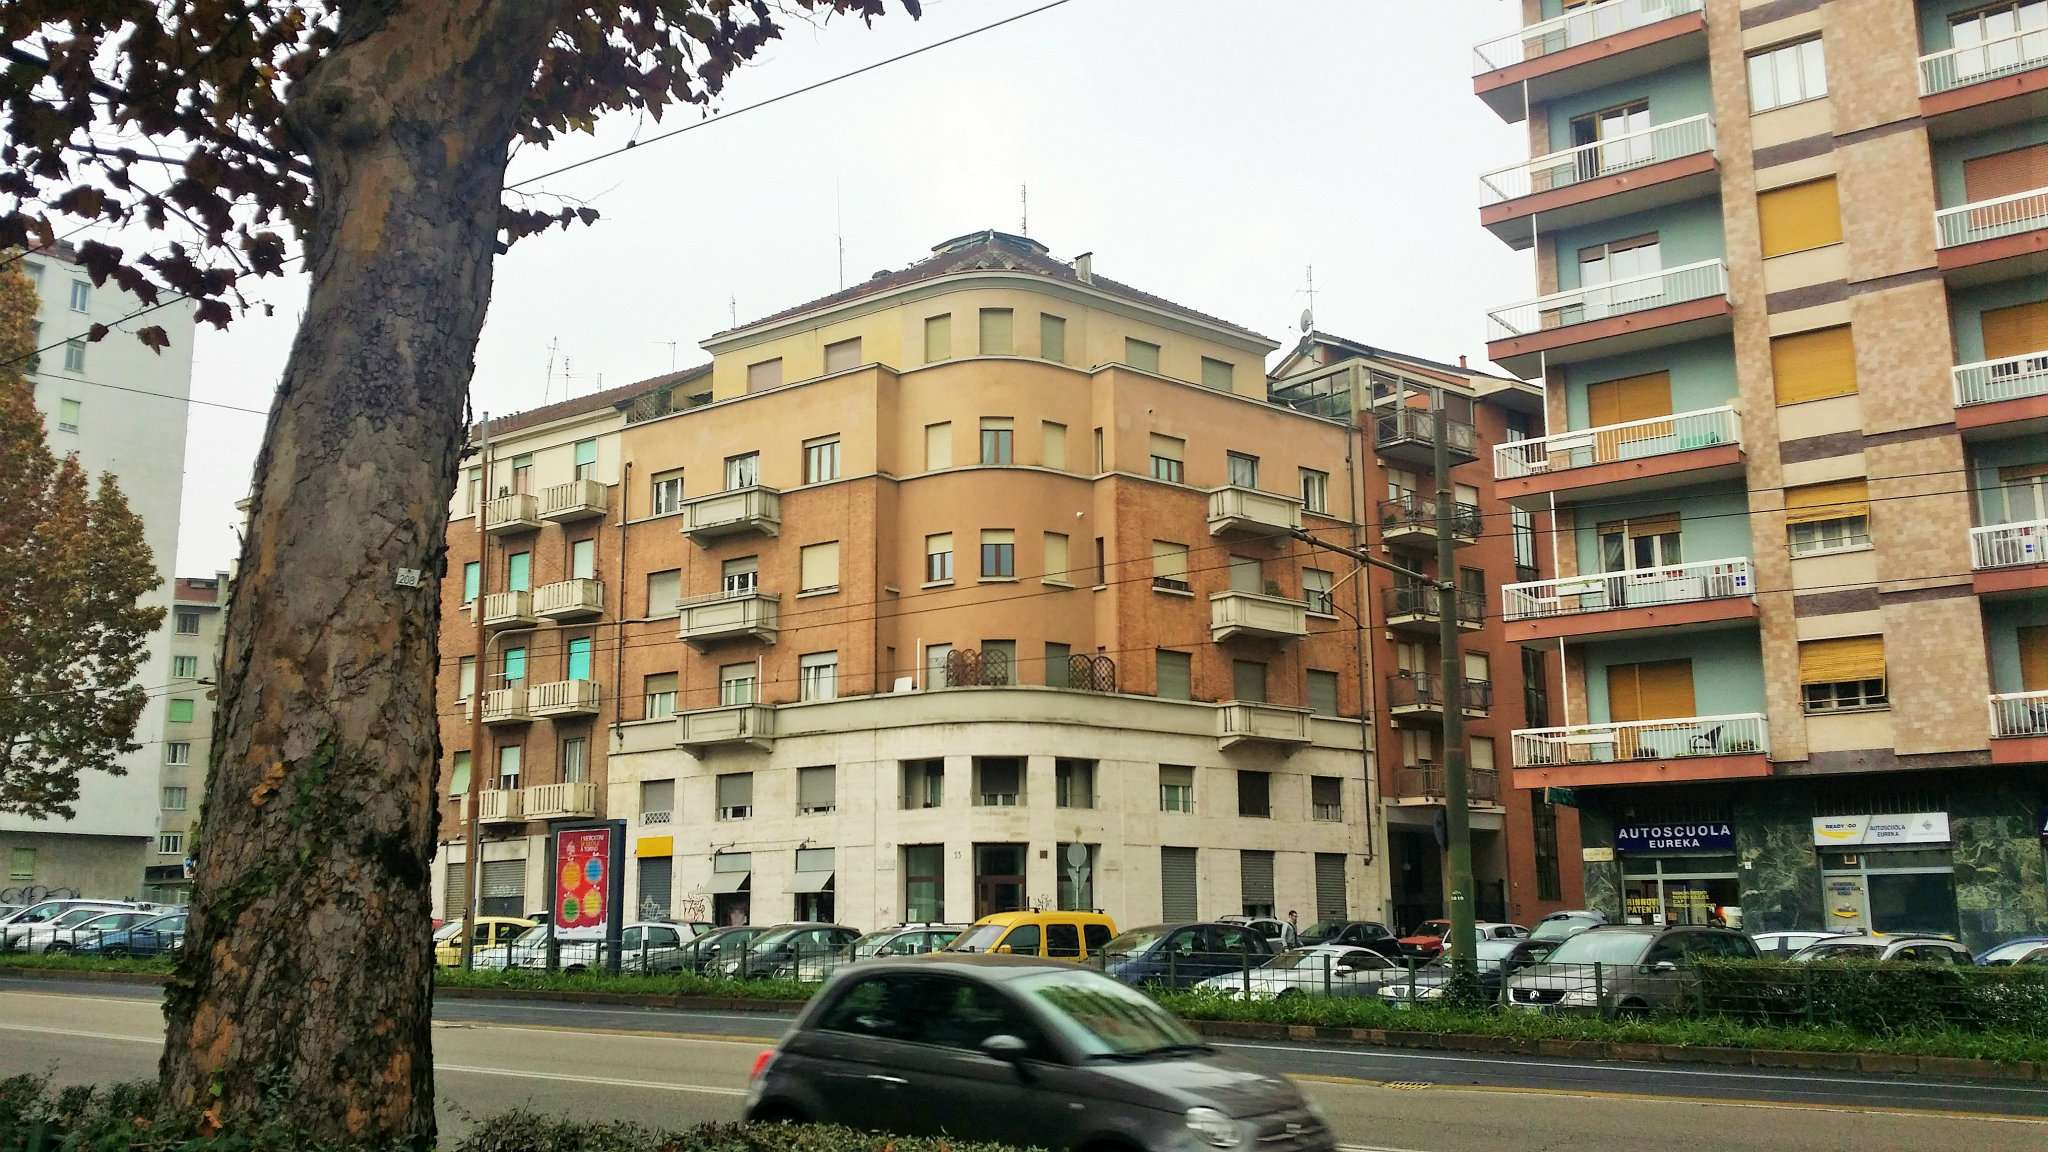 Appartamento in vendita Zona Cit Turin, San Donato, Campidoglio - corso Tassoni Torino